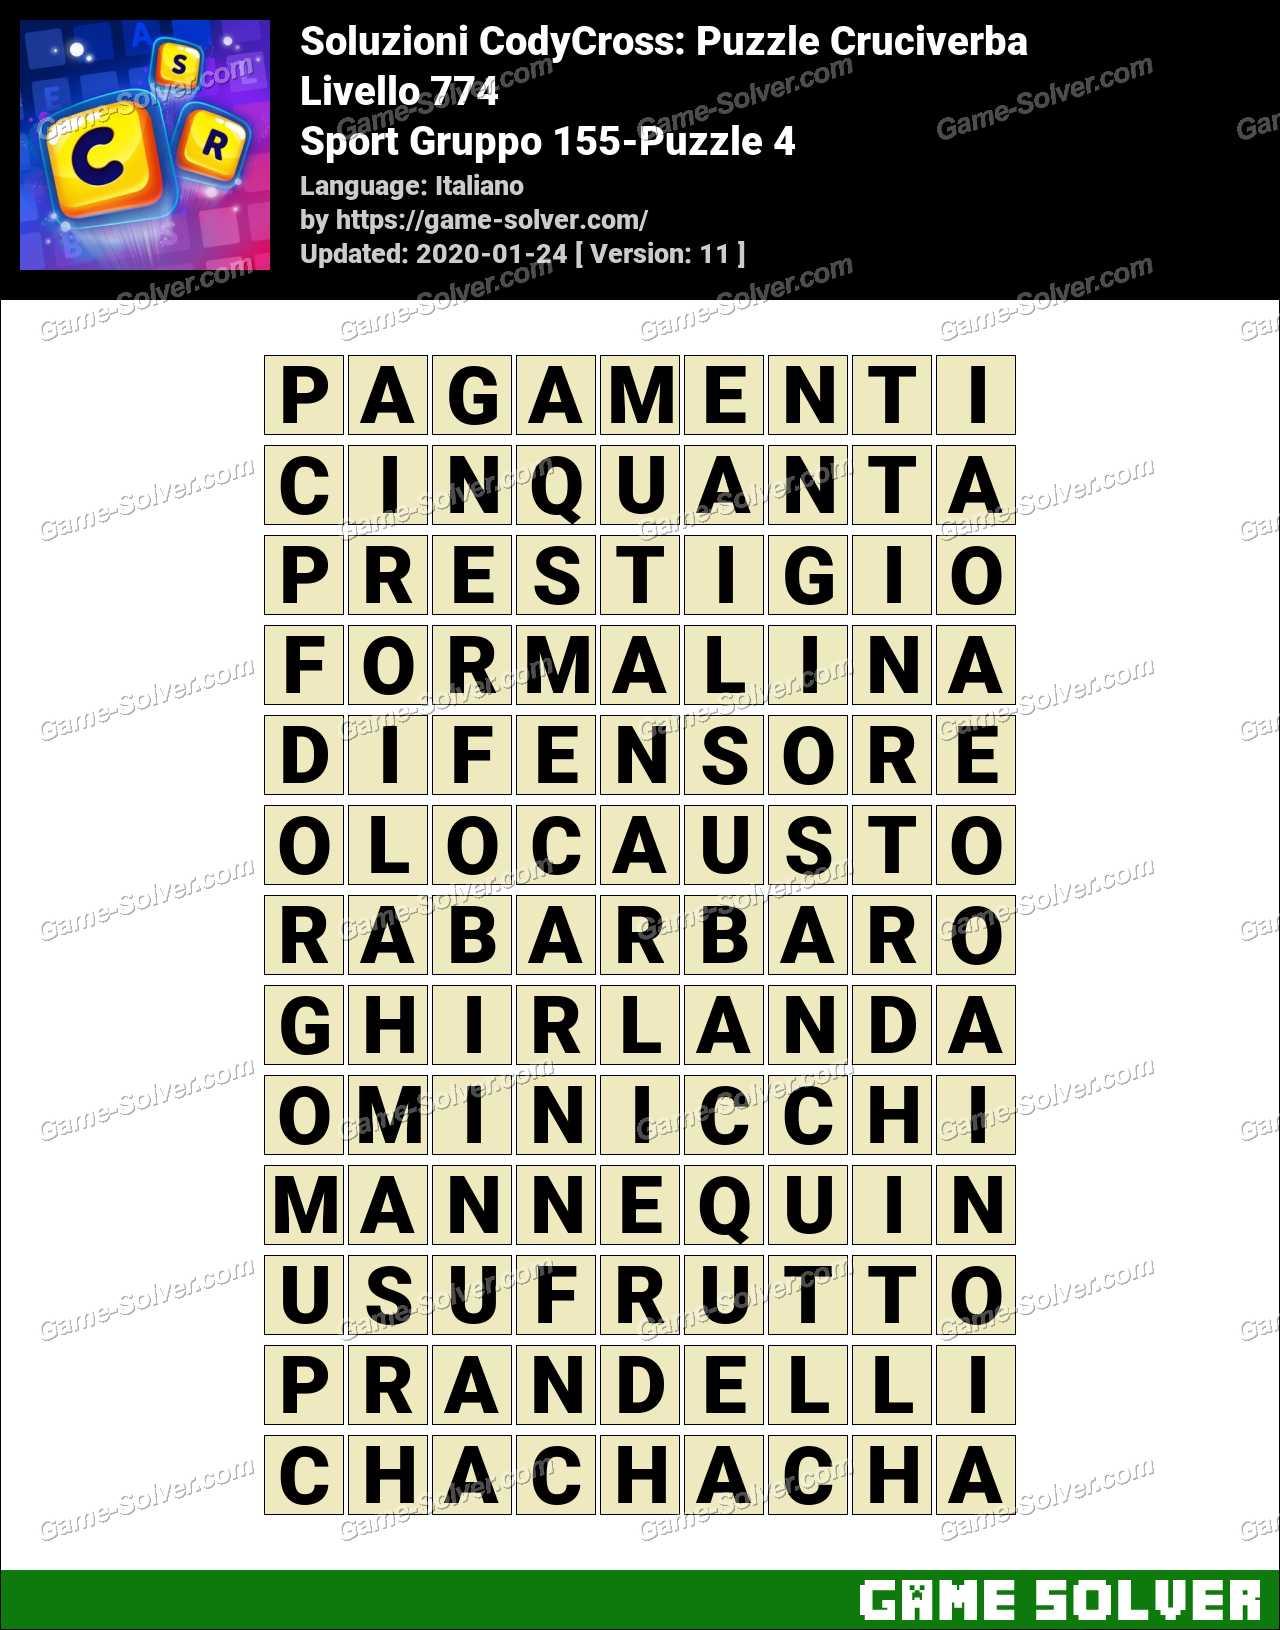 Soluzioni CodyCross Sport Gruppo 155-Puzzle 4